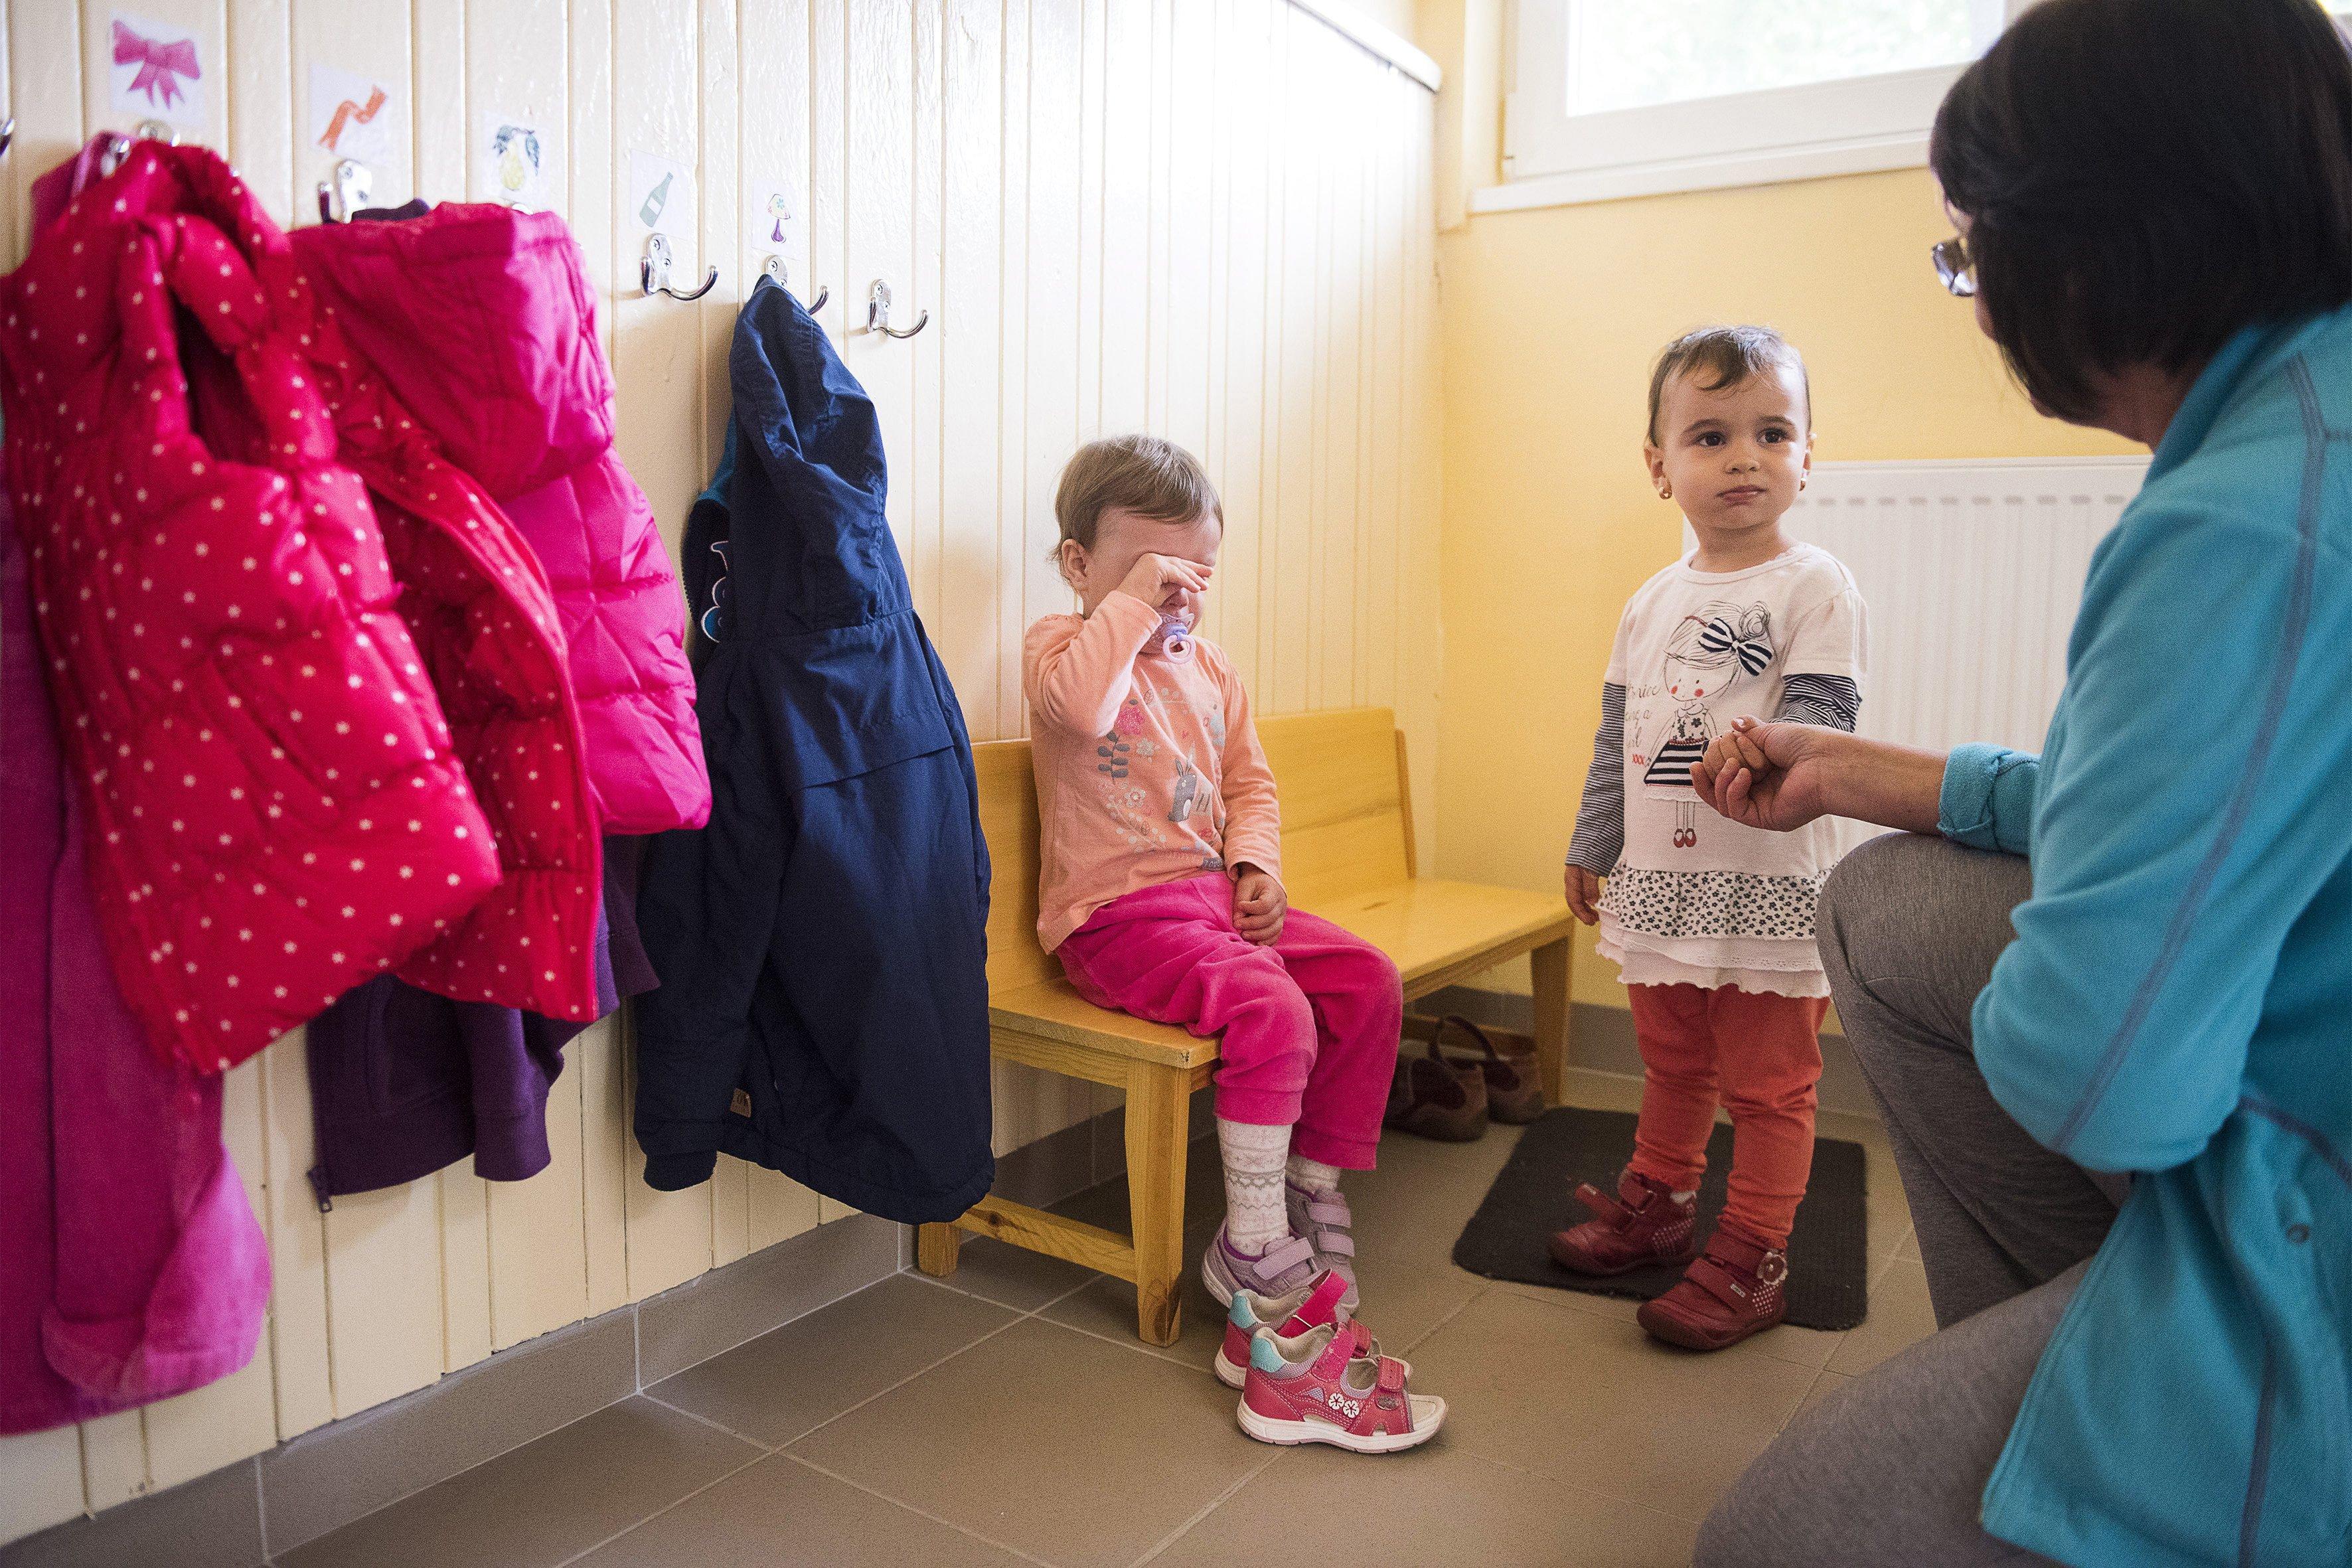 Gondozónő nyugtatgat egy negyedik napja bölcsődés kislányt (fotó: MTI/Balázs Attila)